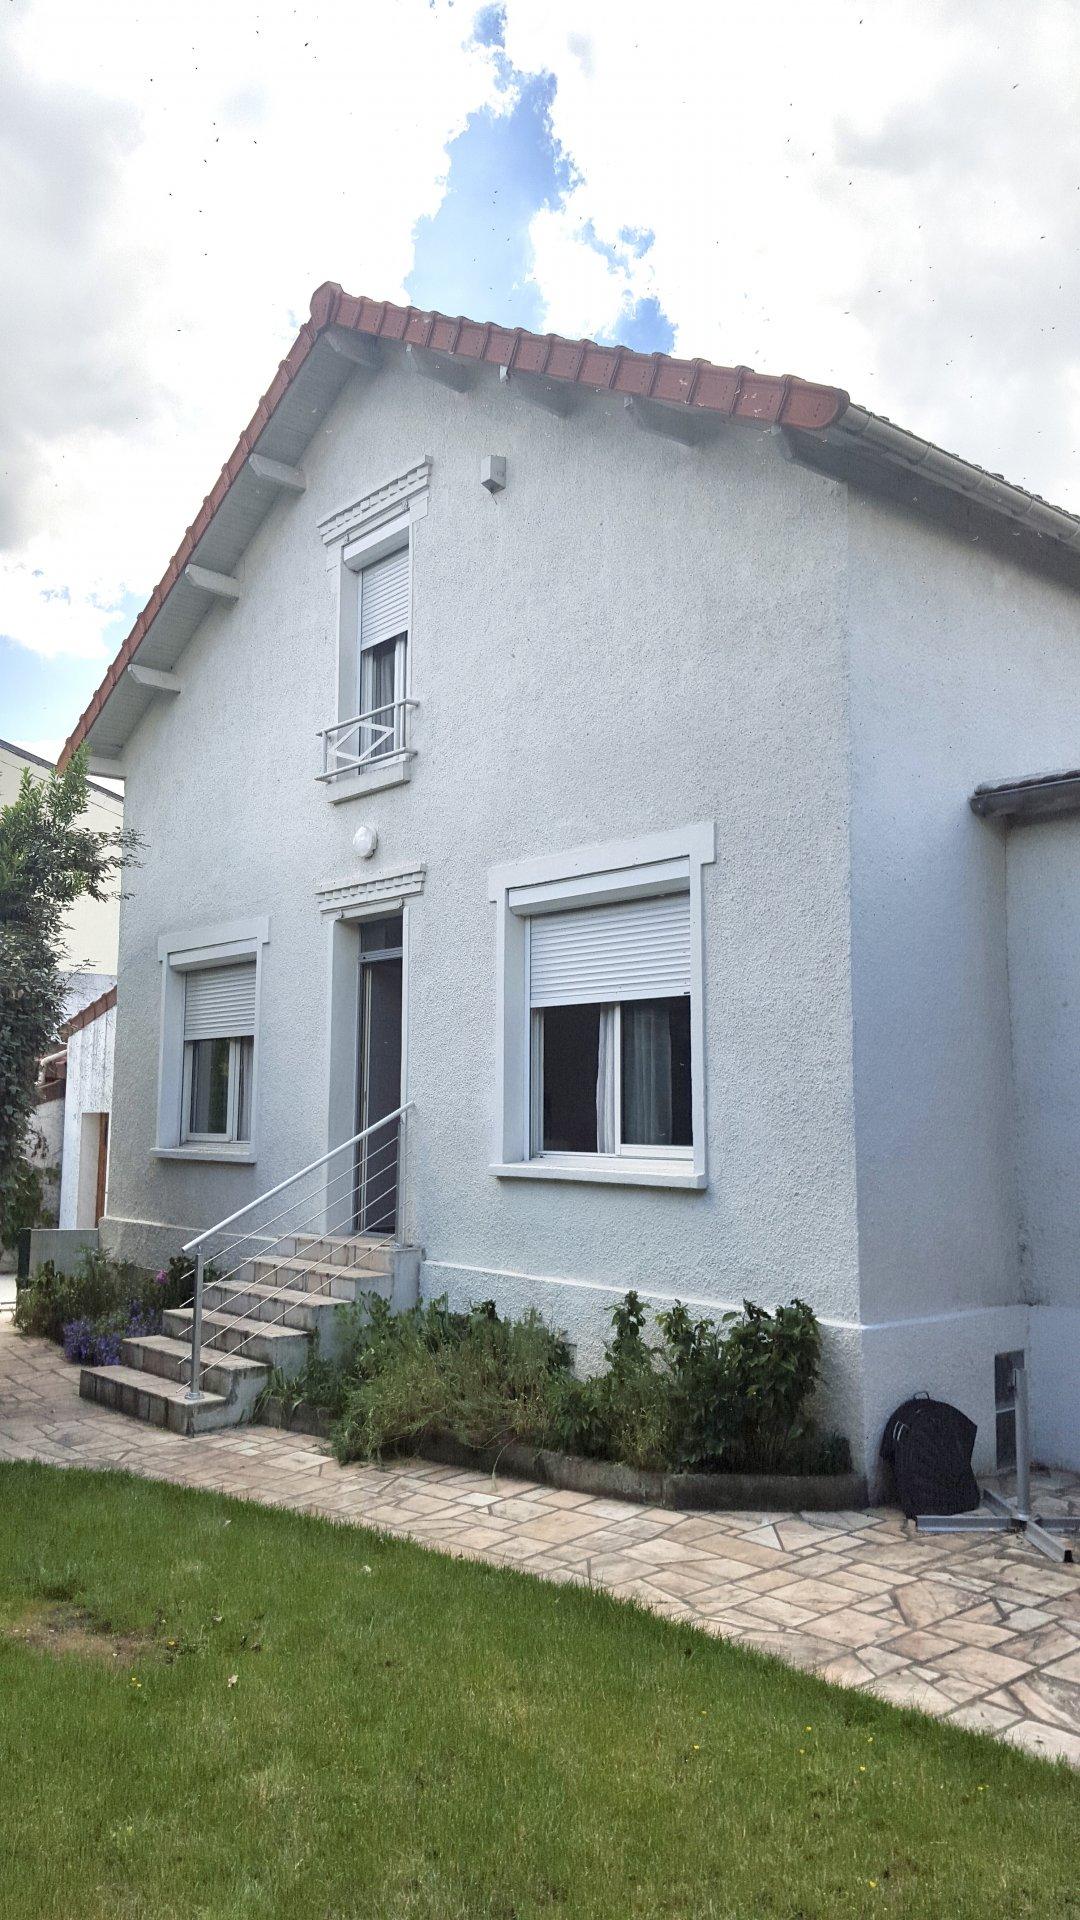 Atelier et maison avec jardin - Villejuif Centre